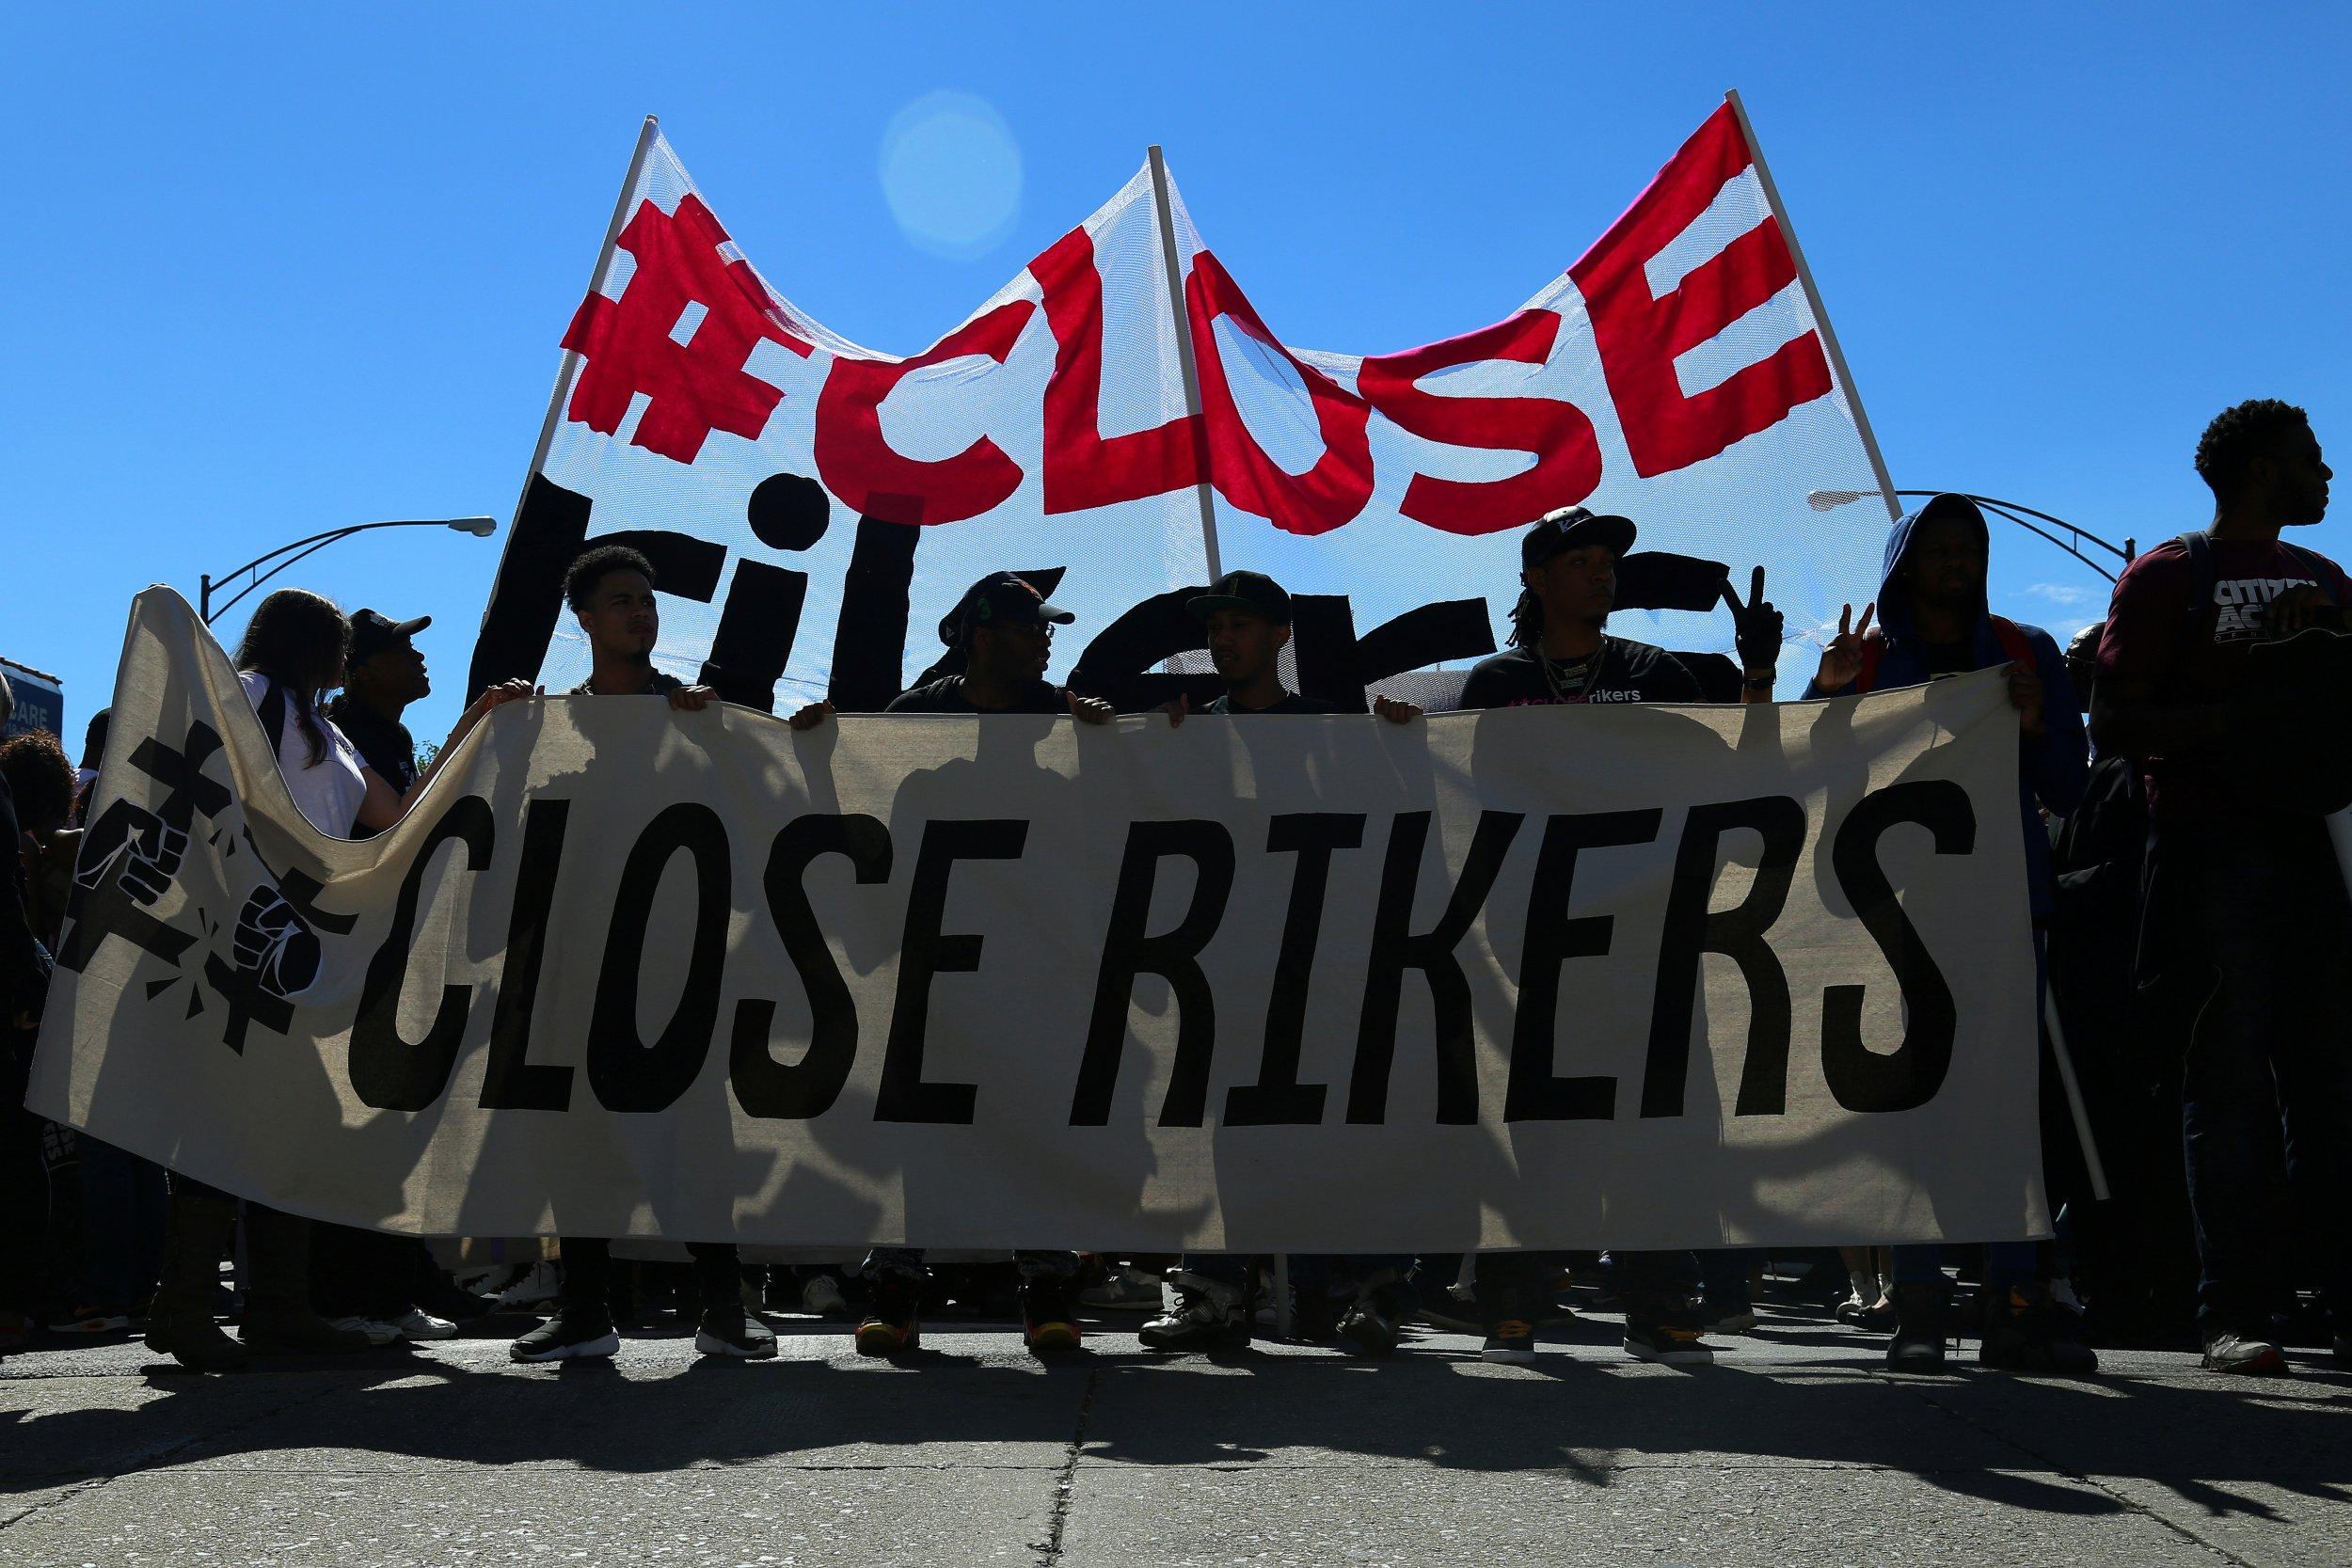 RikersProtest